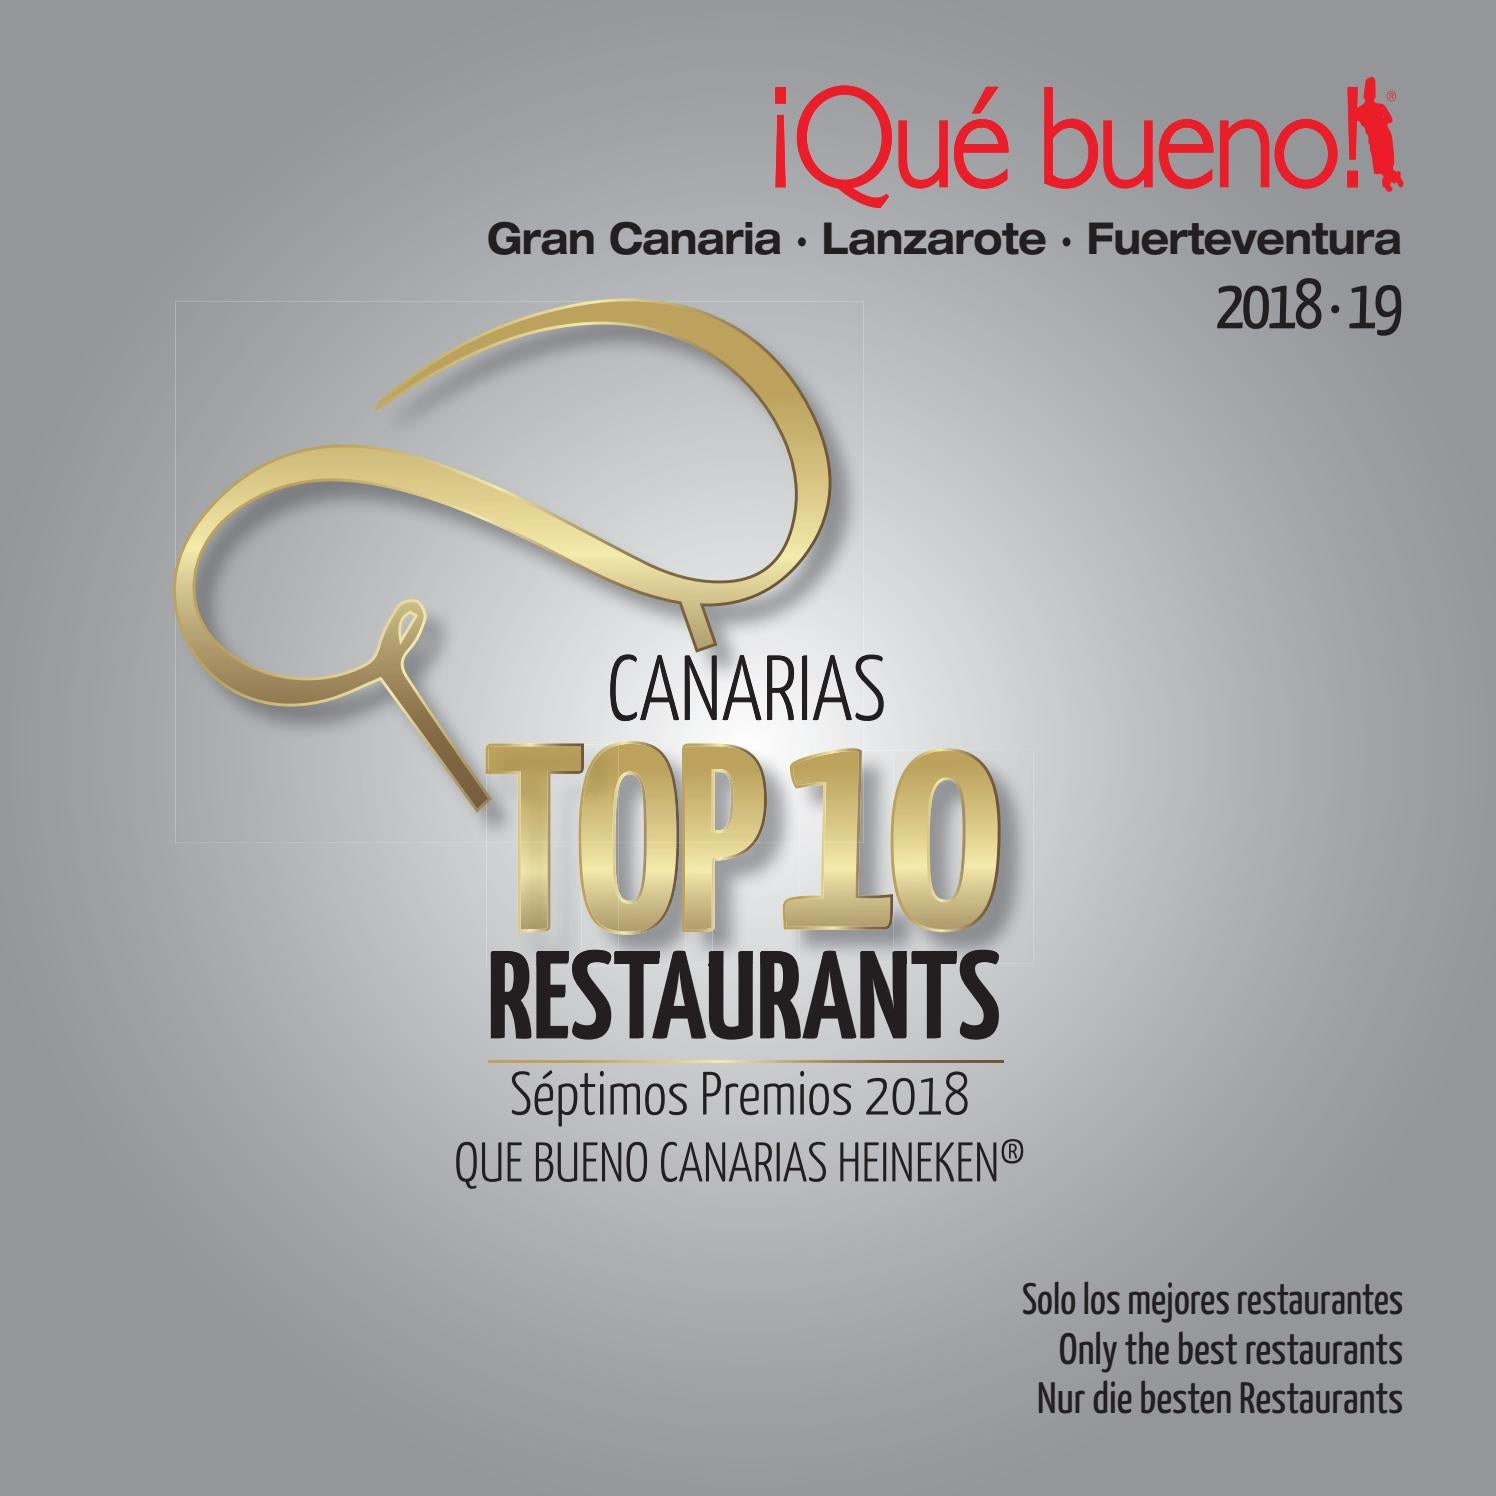 0ba0545dd9 ¡Qué bueno! Gran Canaria*Lanzarote*Fuerteventura 2018/19 by Que Bueno  Canarias - issuu